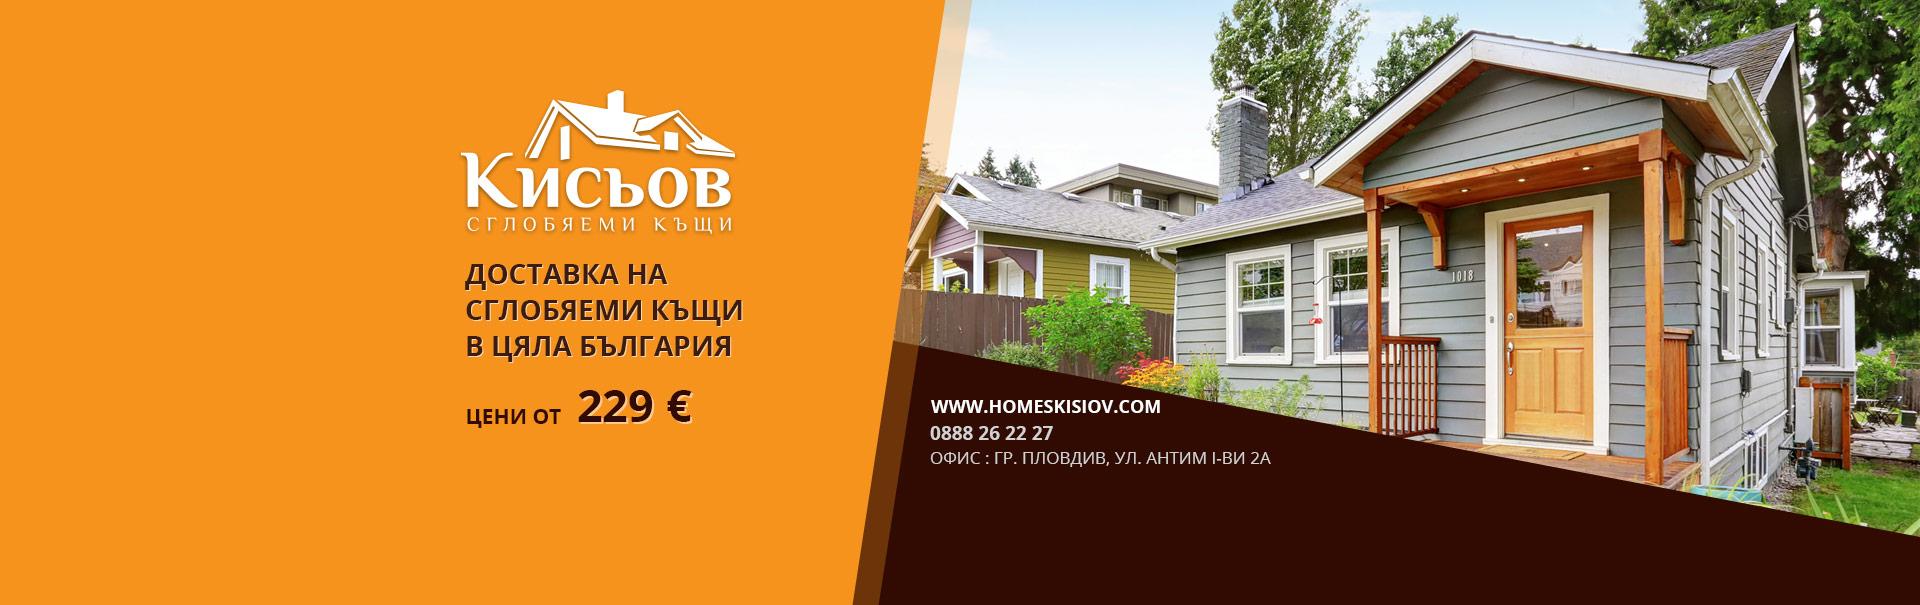 Сглобяеми къщи ниски цени